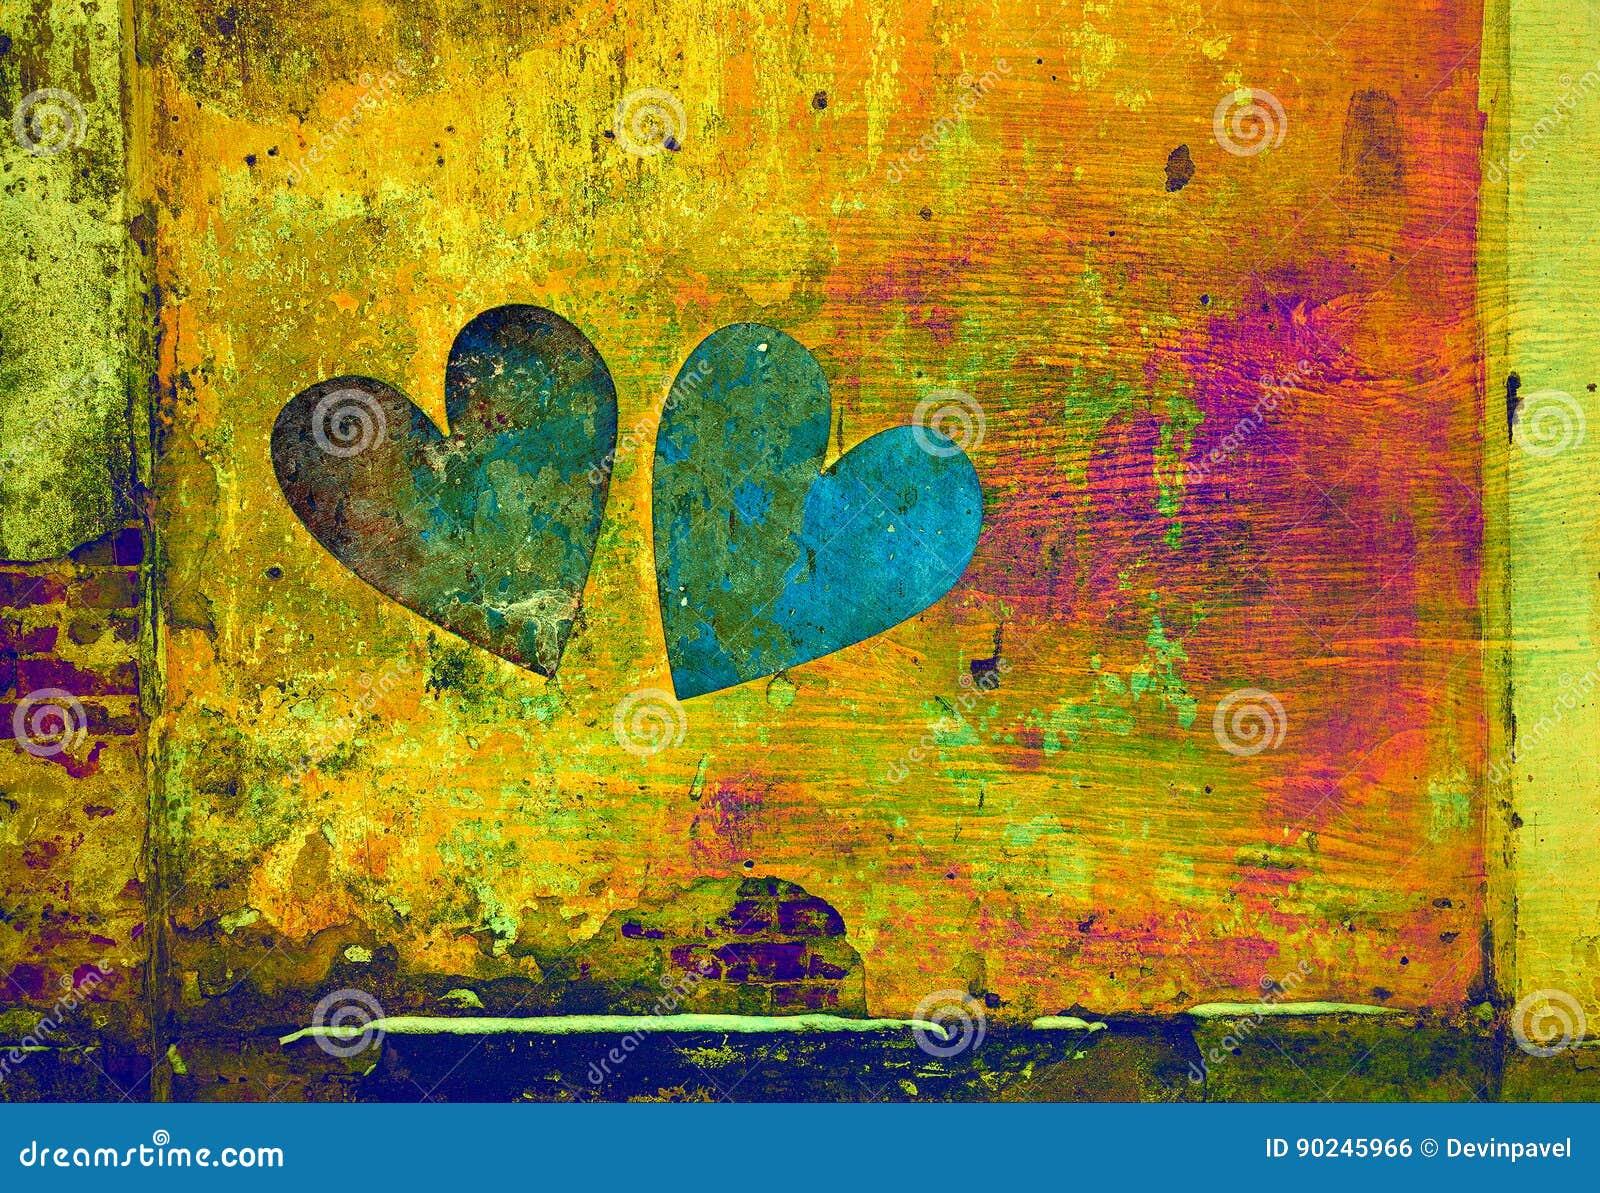 Amor e romance dois corações no estilo do grunge no fundo abstrato